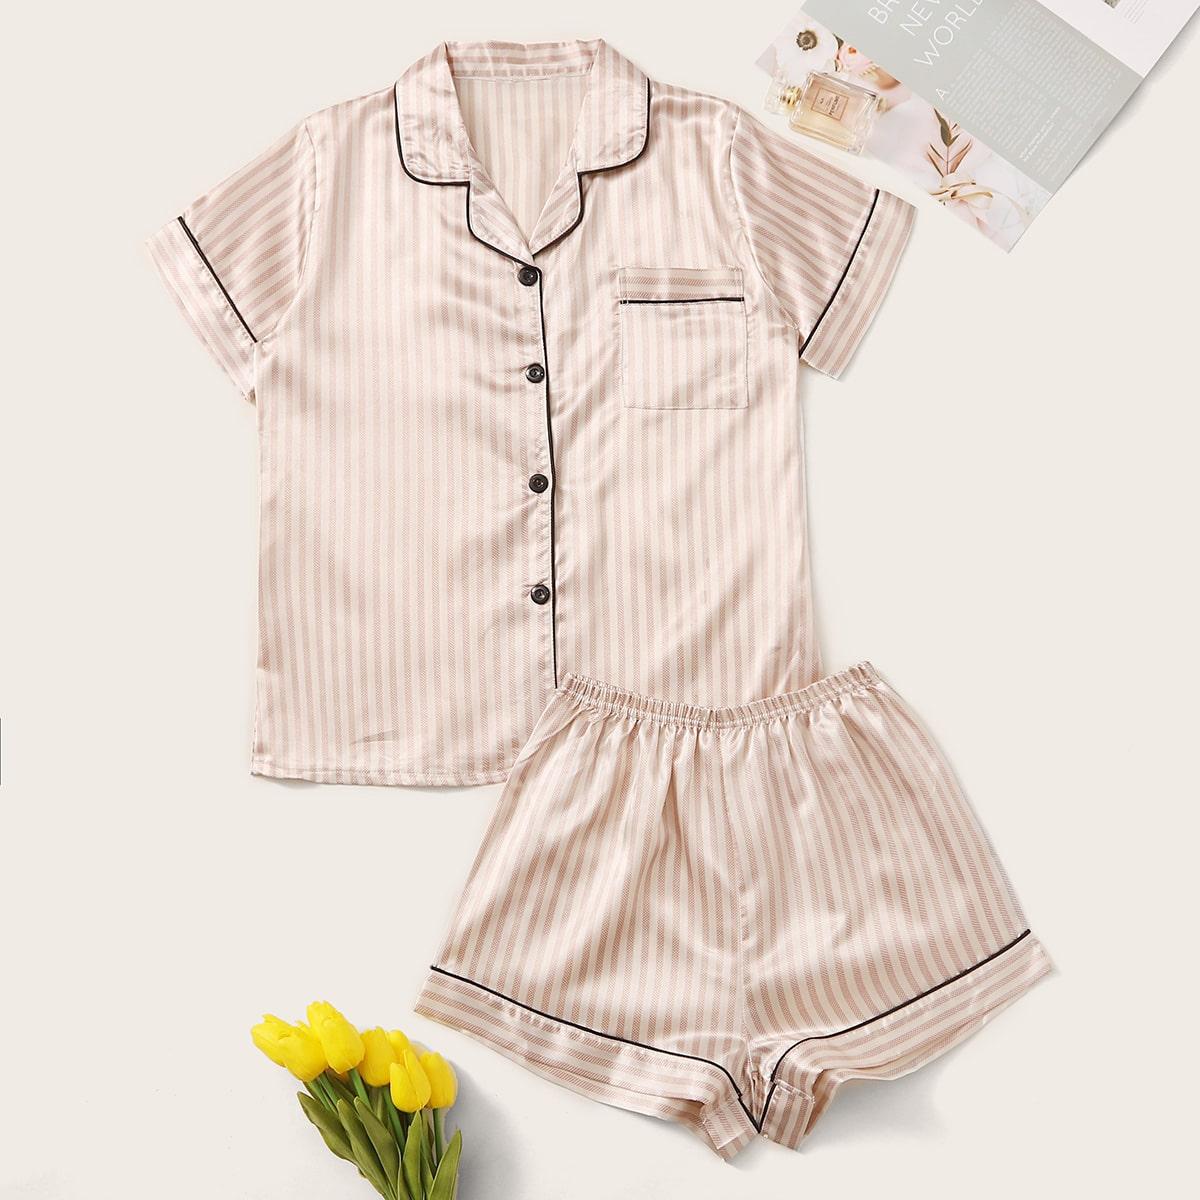 Satin Schlafanzug Set mit Streifen und Paspelsaum